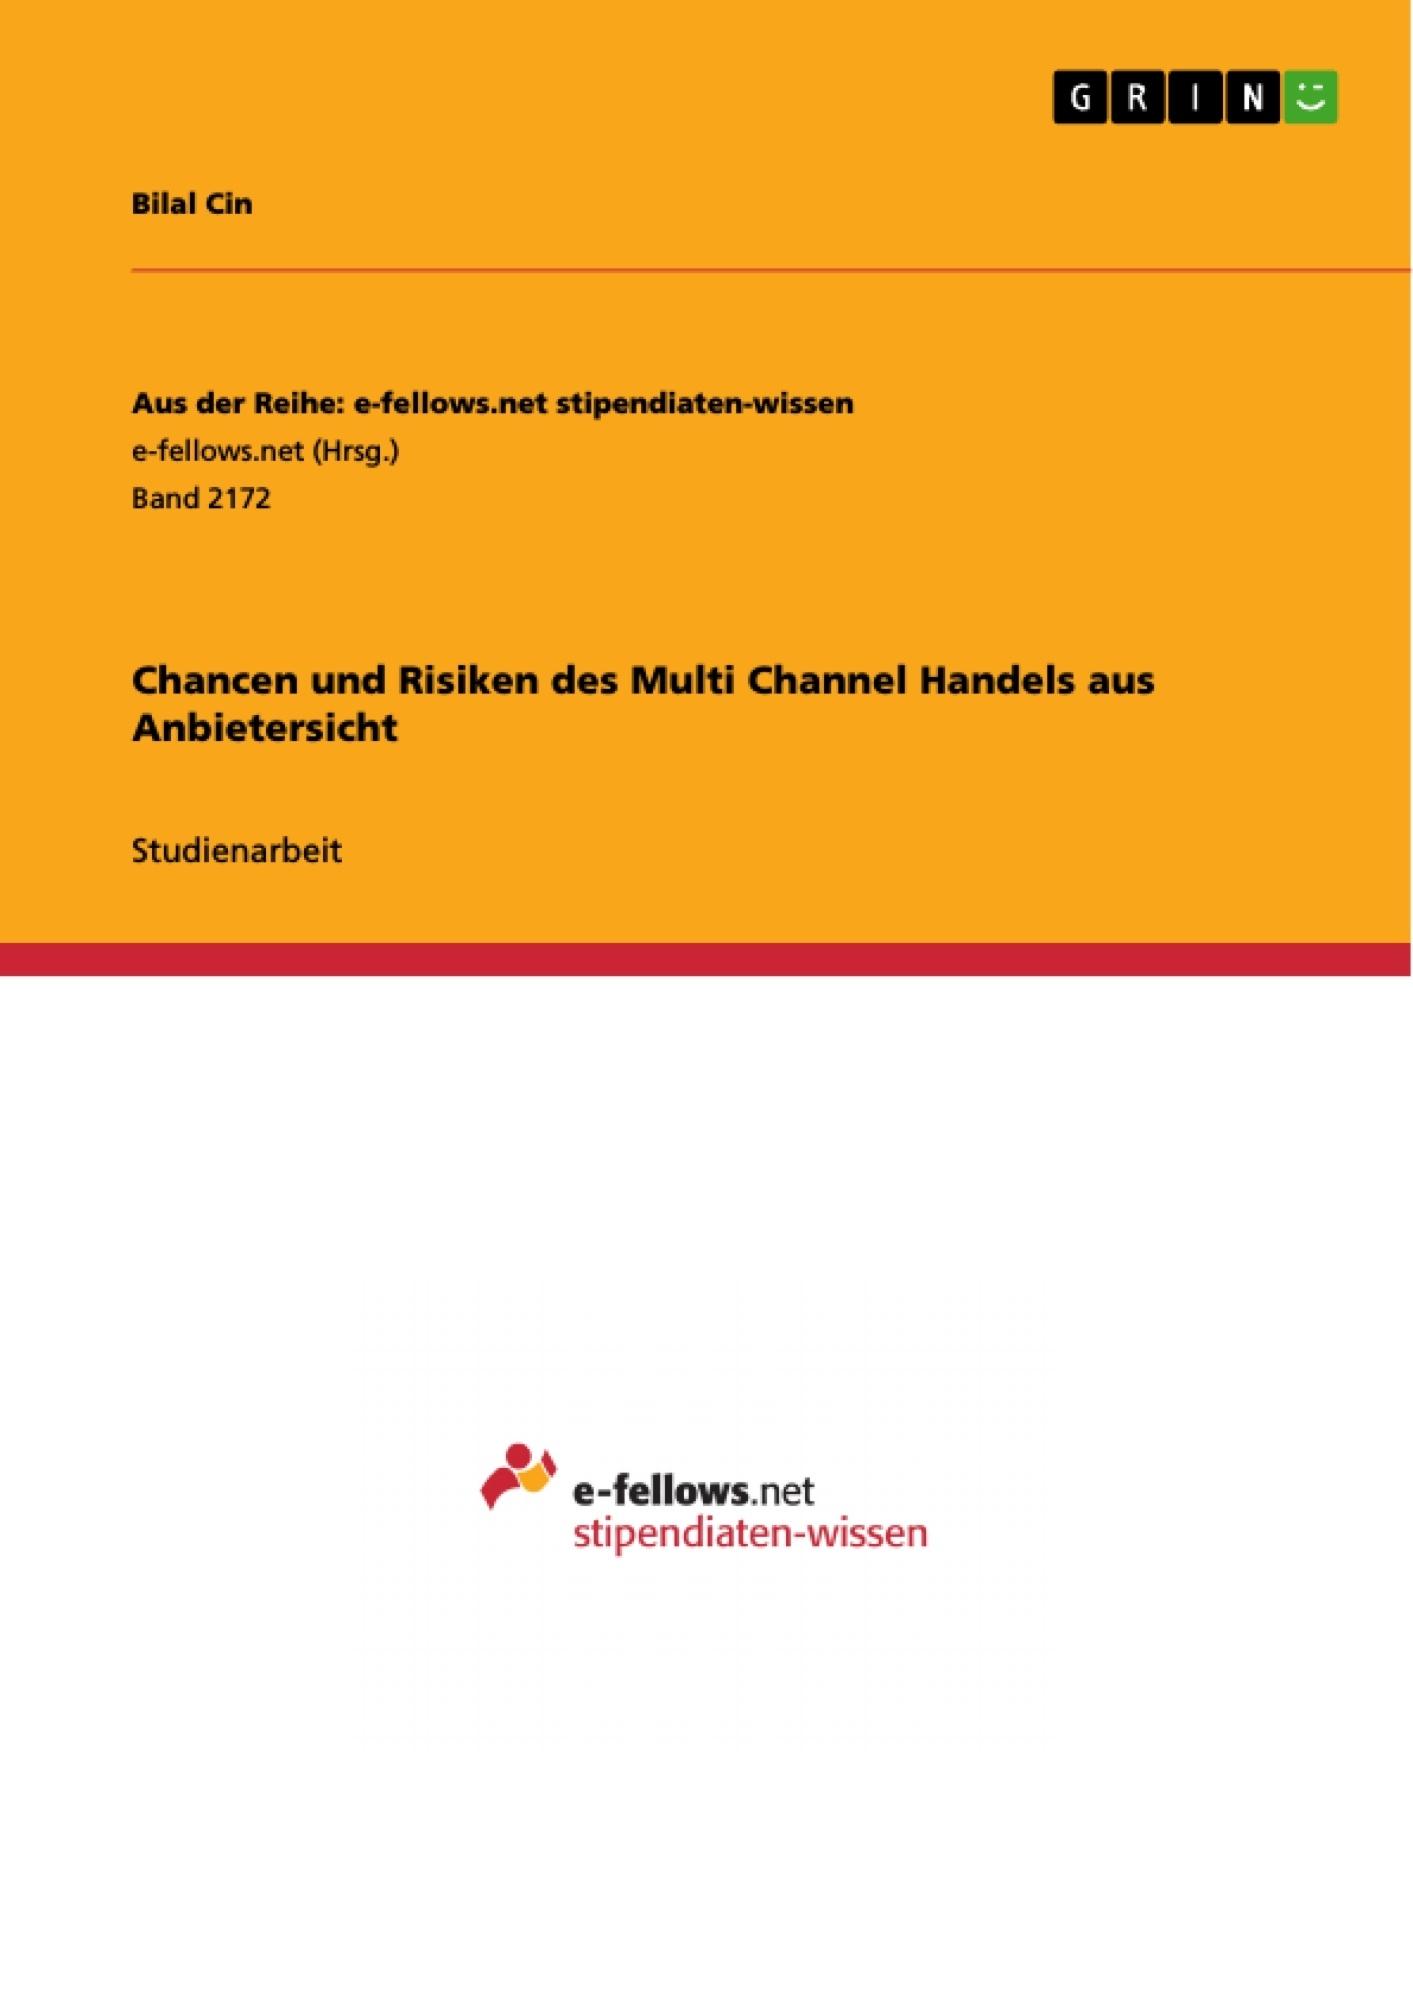 Titel: Chancen und Risiken des Multi Channel Handels aus Anbietersicht